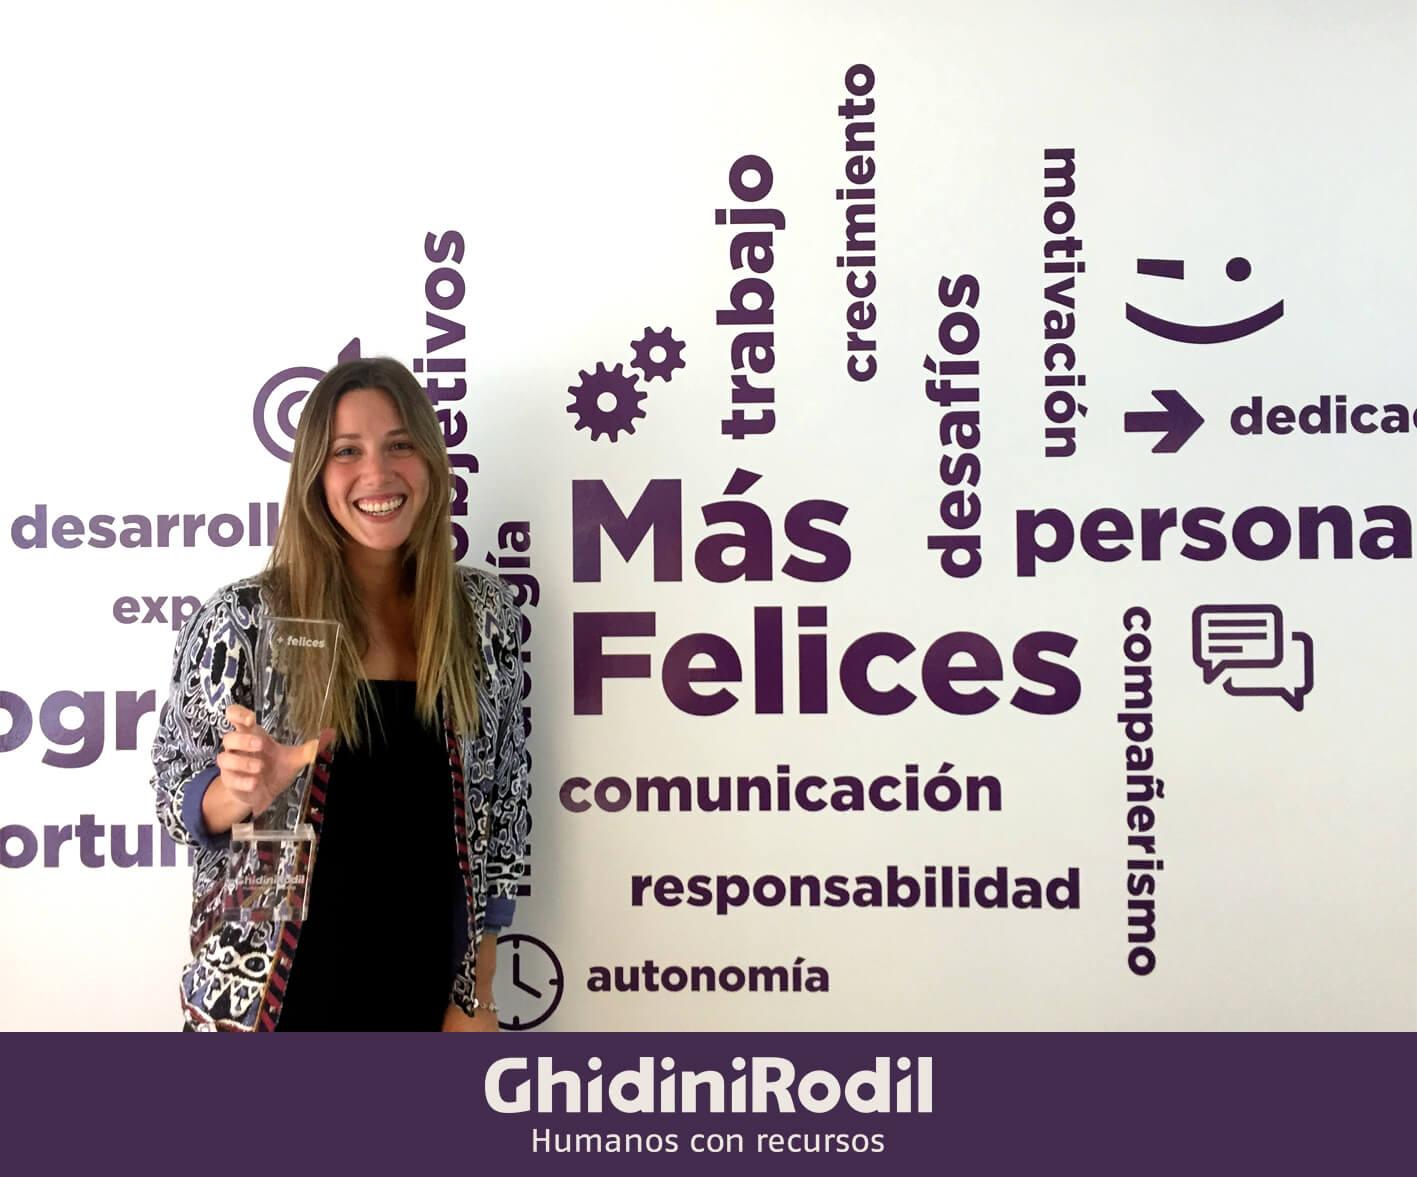 Desde el año 2014, en GhidiniRodil son los propios candidatos los que reconocen a los colaboradores de nuestro equipo que más los ayudaron a conseguir un nuevo y mejor empleo. Por segundo año consecutivo, en 2016 Luciana de Pérez fue elegida en primer lugar. ¡Felicitaciones Luciana por haber hecho más felices a más de 34 ejecutivos!